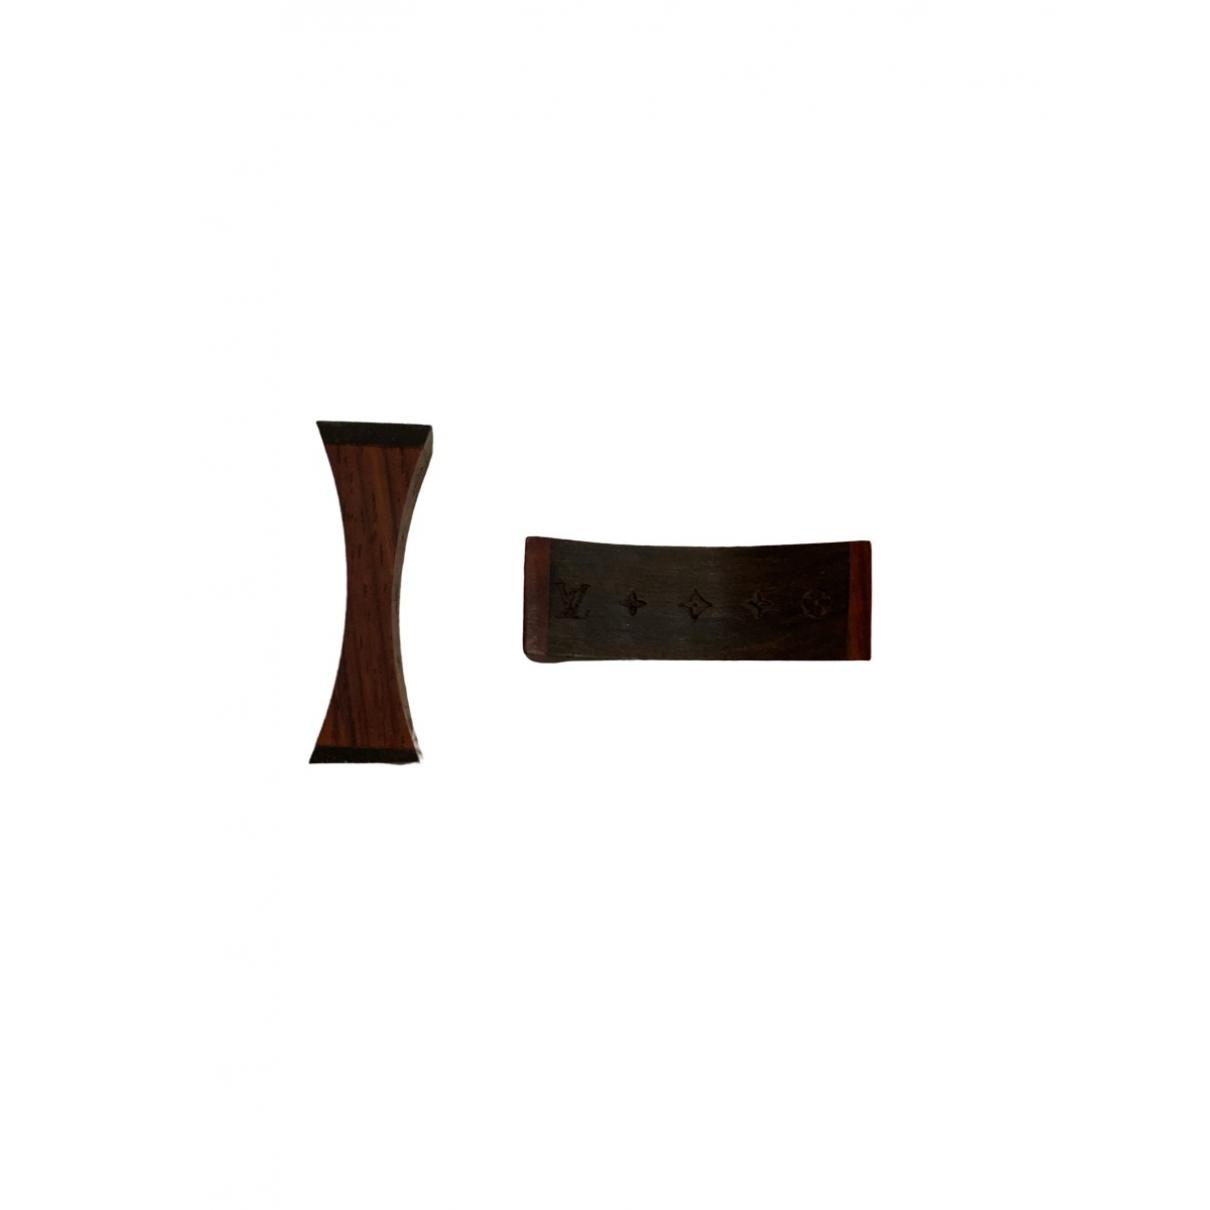 Louis Vuitton - Arts de la table   pour lifestyle en bois - marron